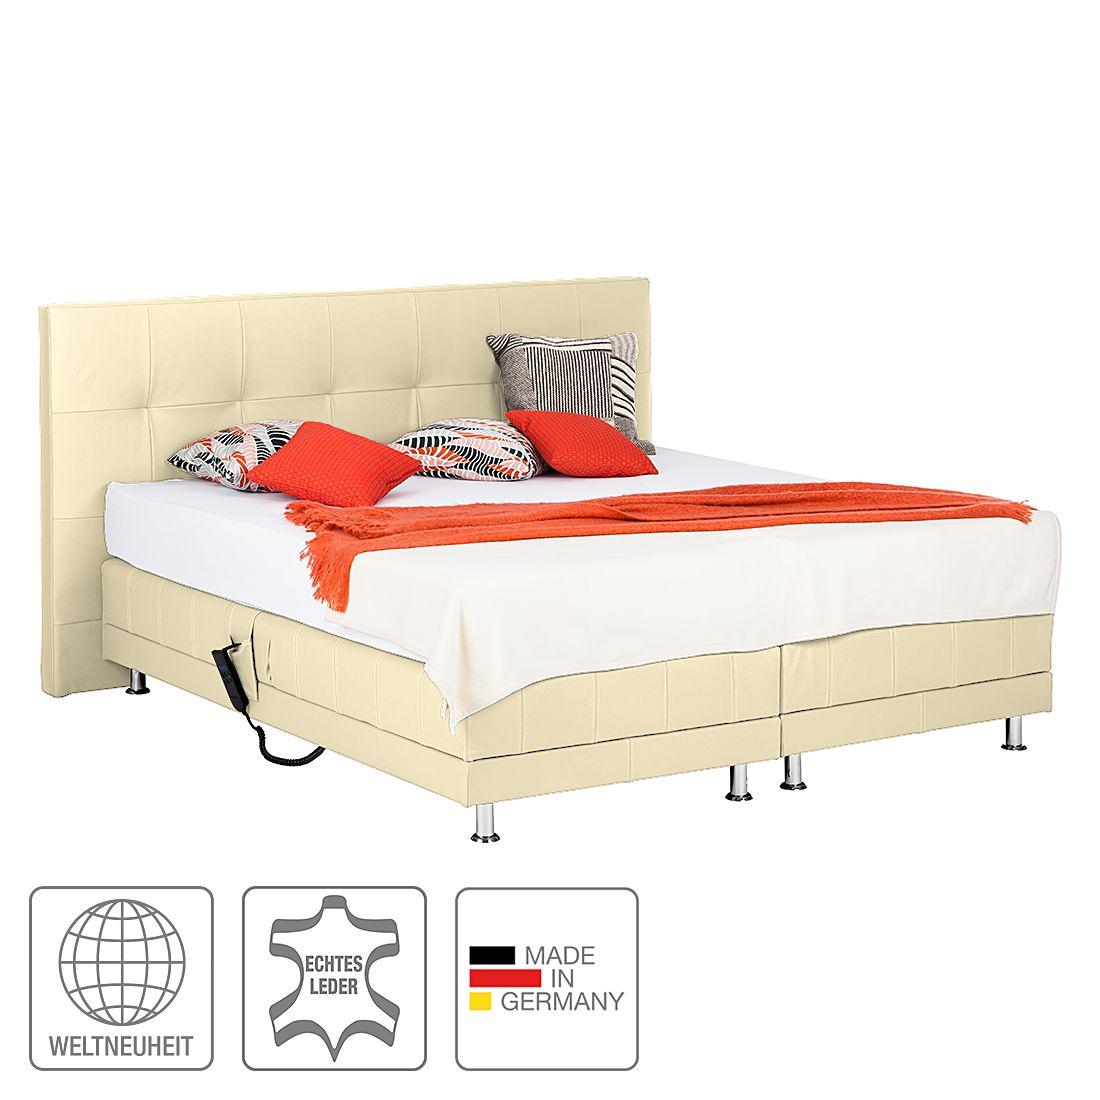 Boxspringbett Denver Schlafzimmermobel Boxspringbett Bett